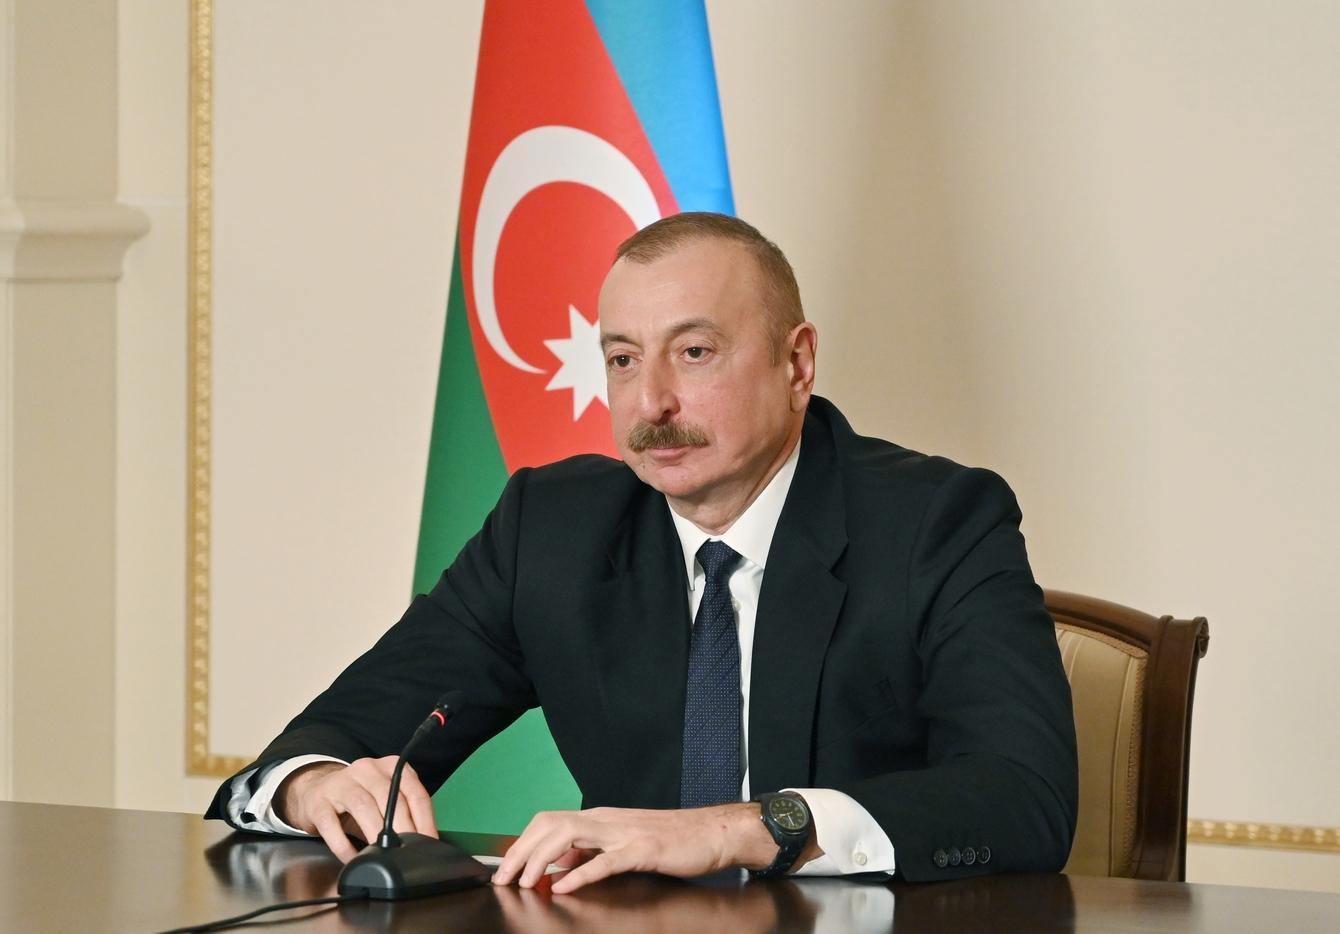 Azərbaycan  regionda yeni reallıqlar yaradıb